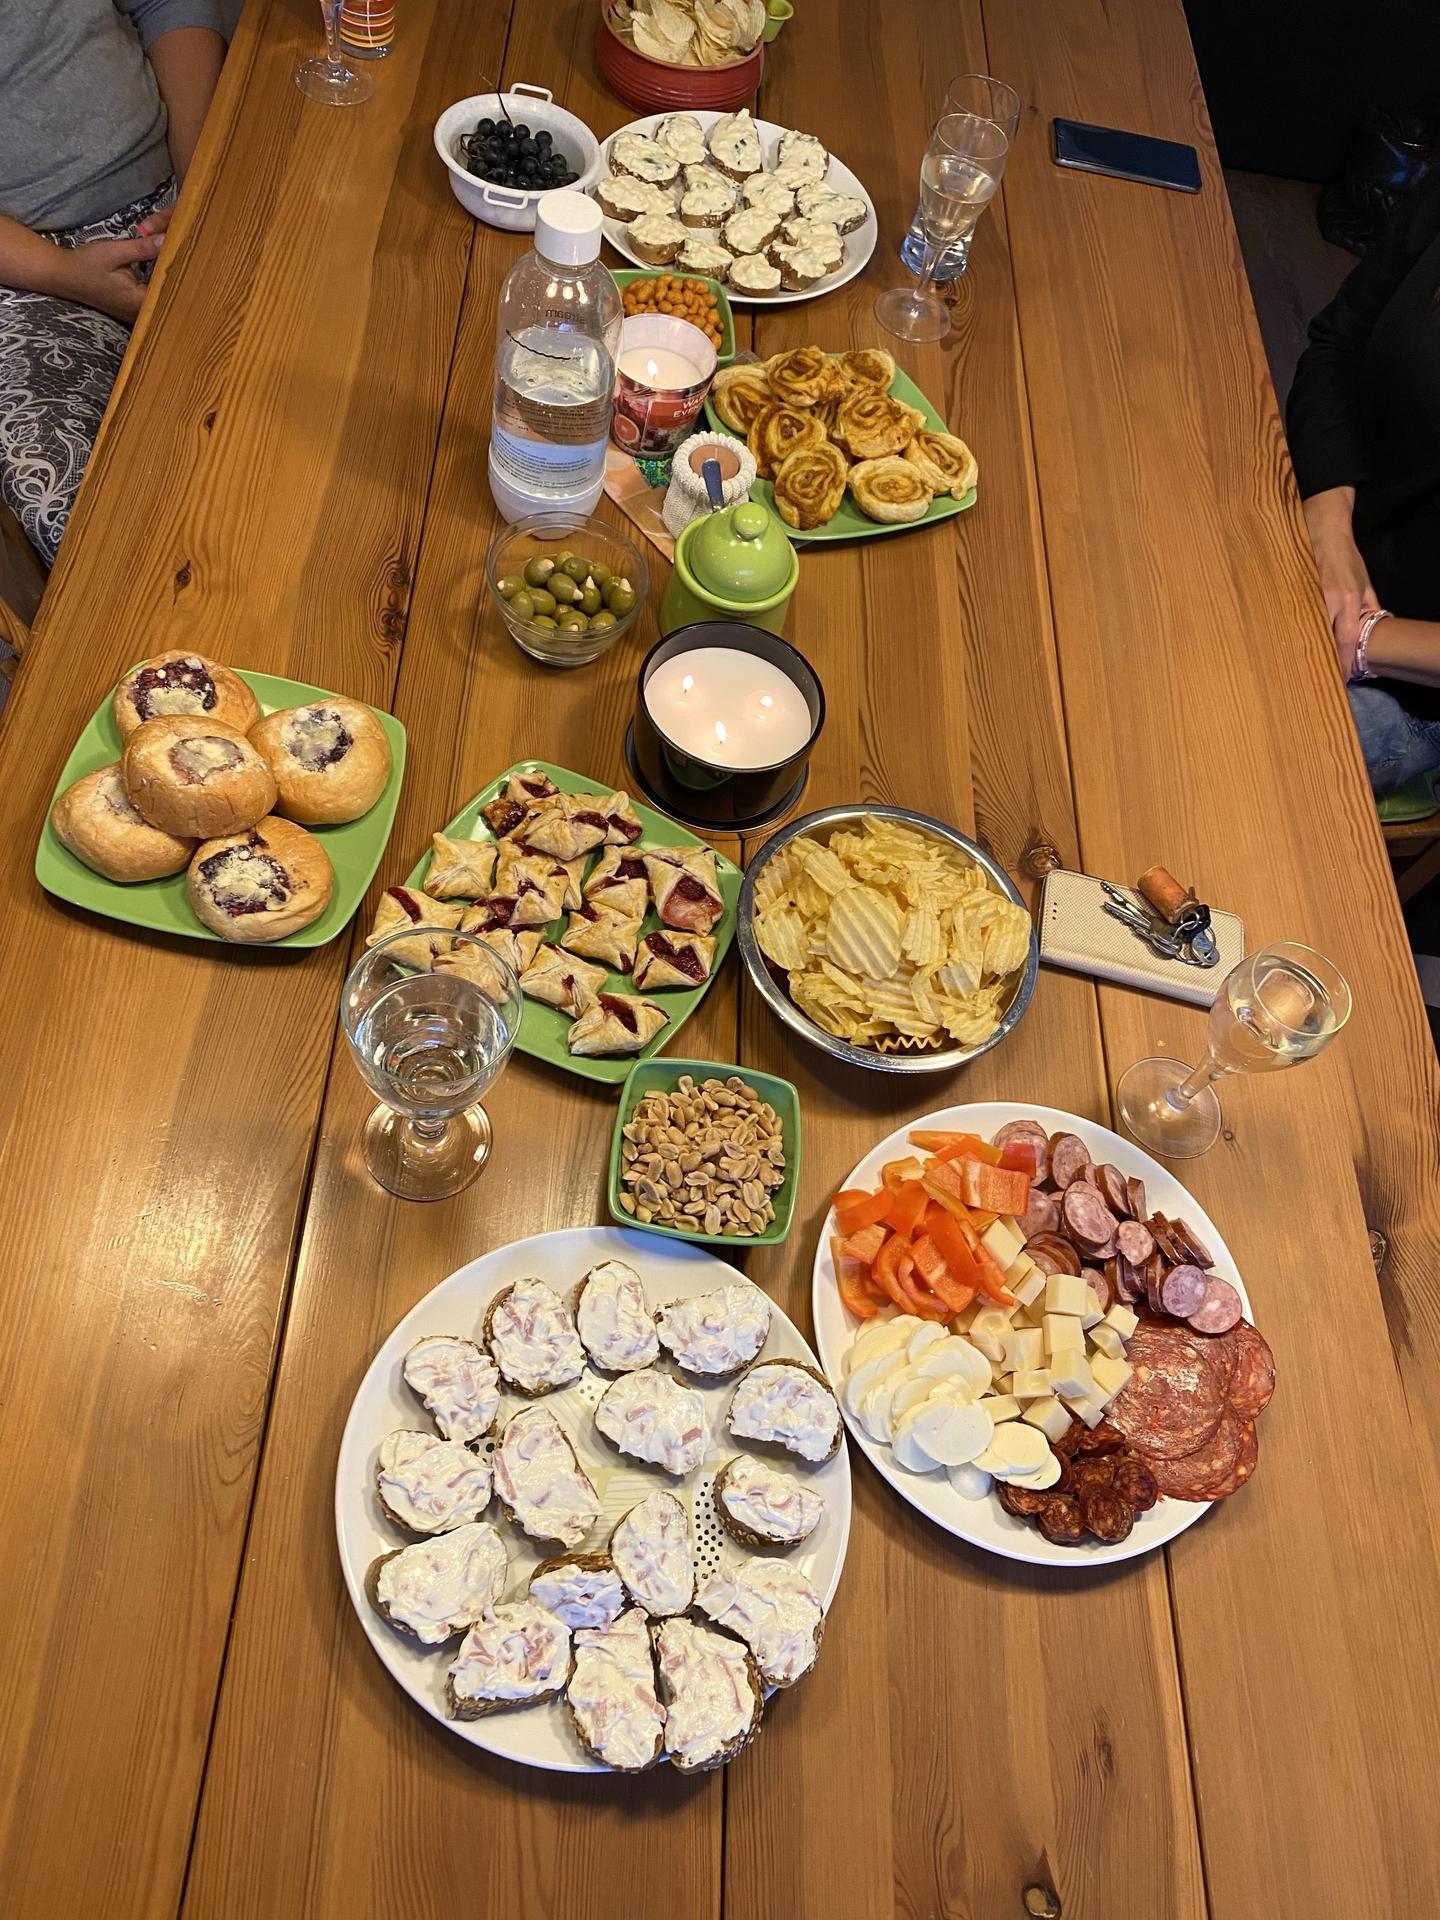 Degustační požitek - Ikdyž už půl roku bydlíme jinde, na sousedské dámské jízdy jezdím pořád😍